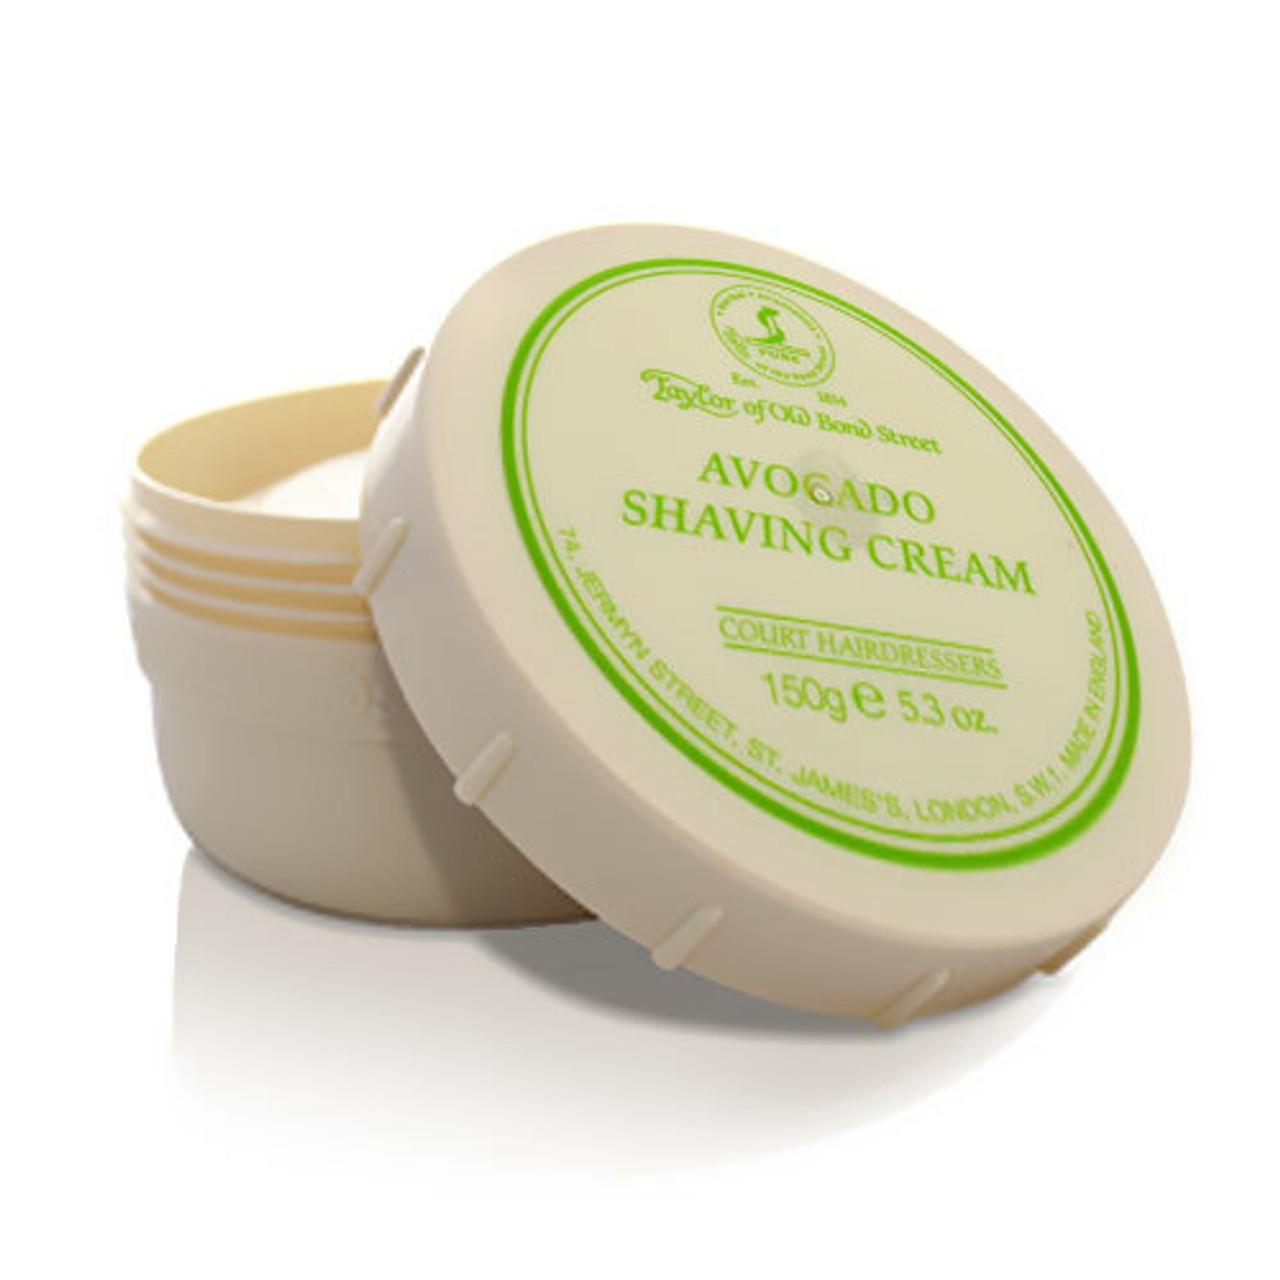 TOOB Avocado Shave Cream 5.3oz